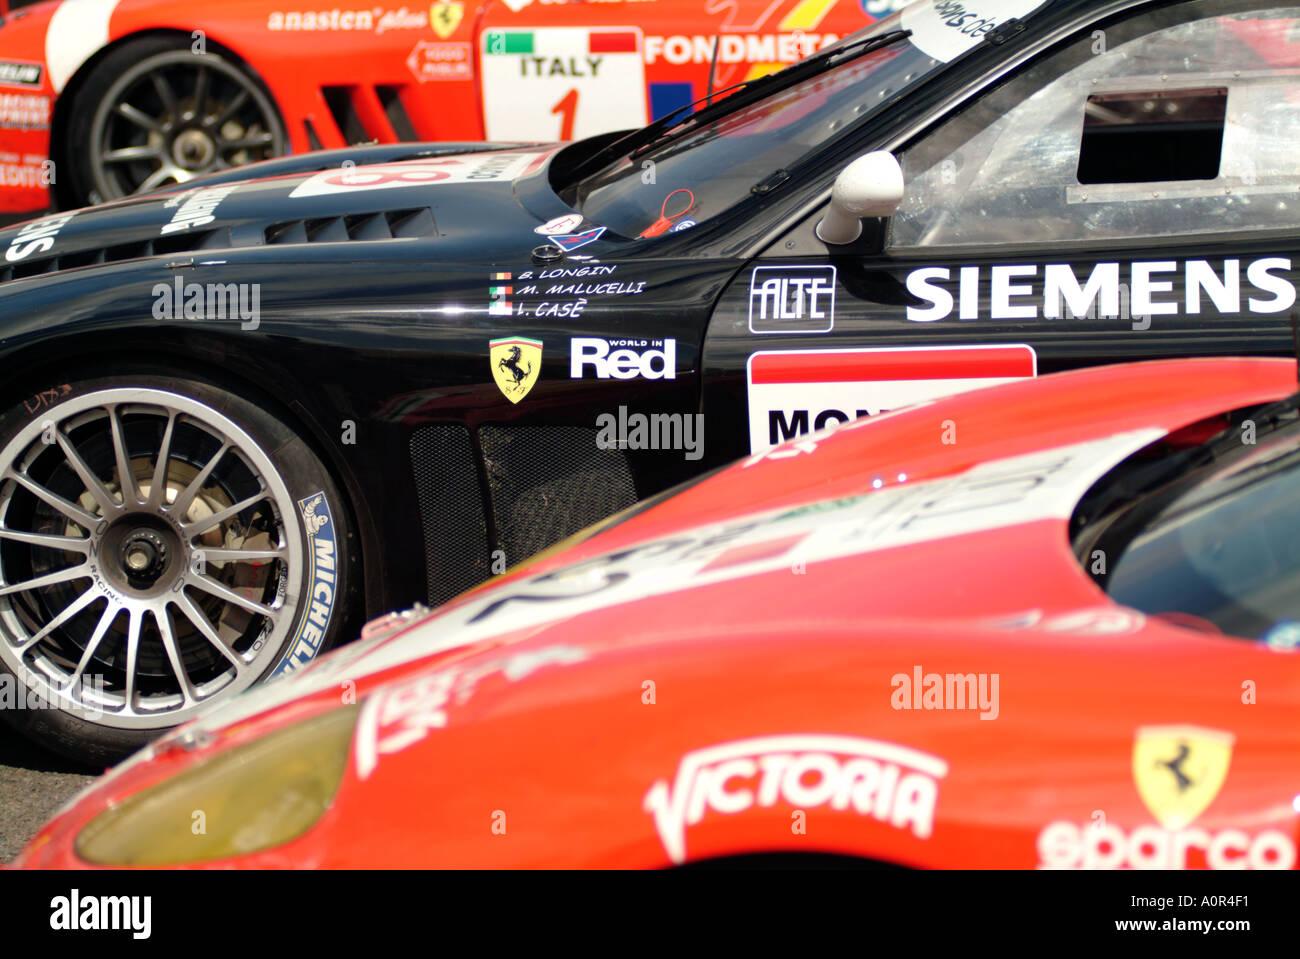 Ferrari pubblicità sponsor ruota pneumatico slick racing corsa in auto motor sport auto rischio vincere perdere velocità fast power cavallino rampante Immagini Stock